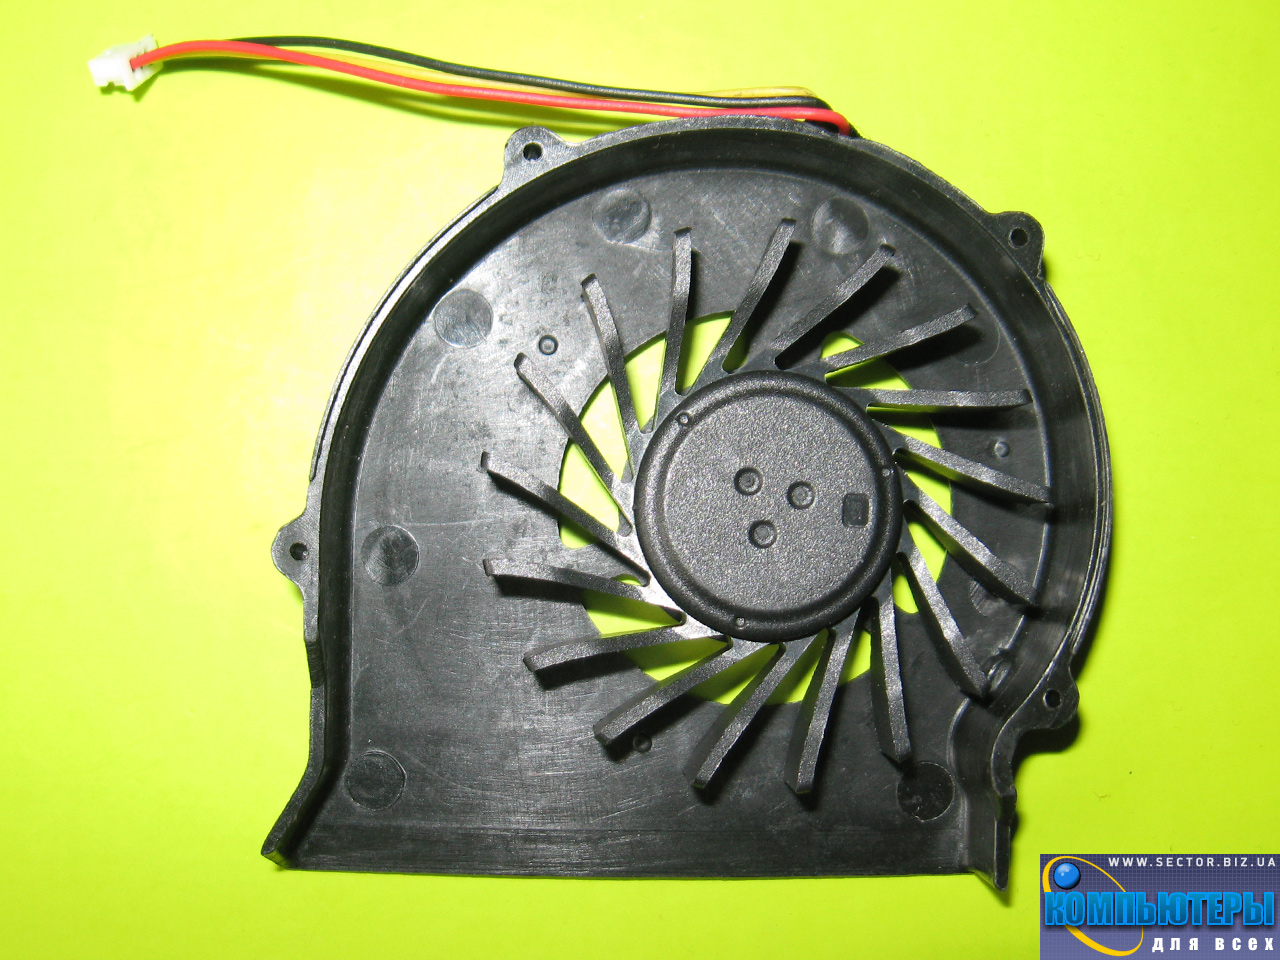 Кулер к ноутбуку MSI CR400 EX460 EX460X EX600 PR400 PR600 MS-1435 MX-1436 MS-1452 MS-163C p/n: 6010H05F PF1. Фото № 1.